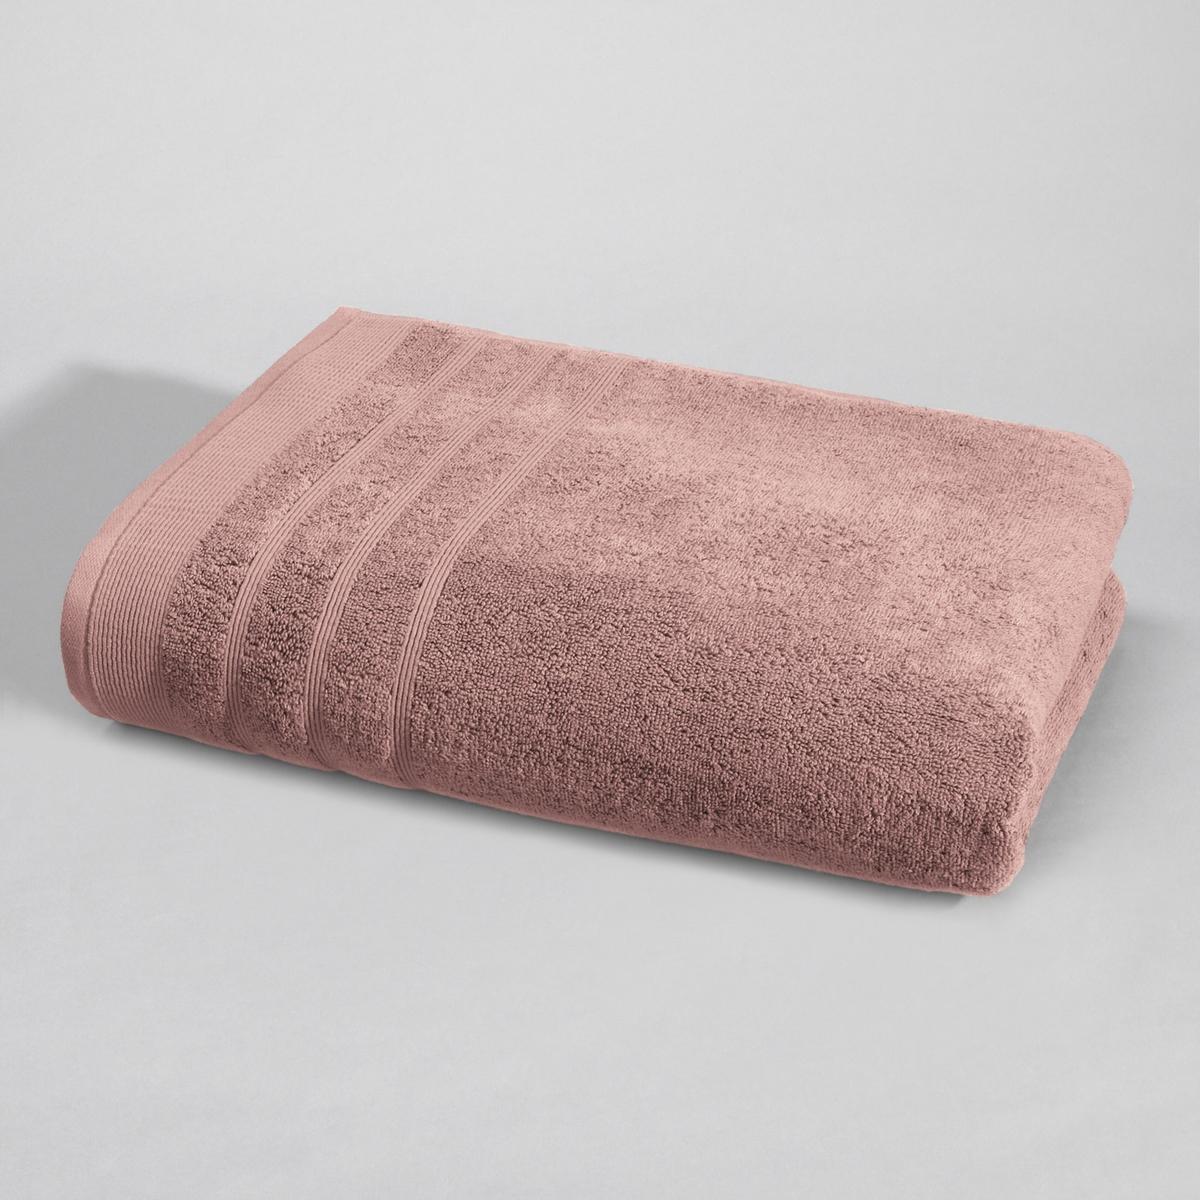 Полотенце La Redoute Банное гм Качество Best 70 x 140 см розовый полотенце банное karna ottoman 70 140 см фиолетовый